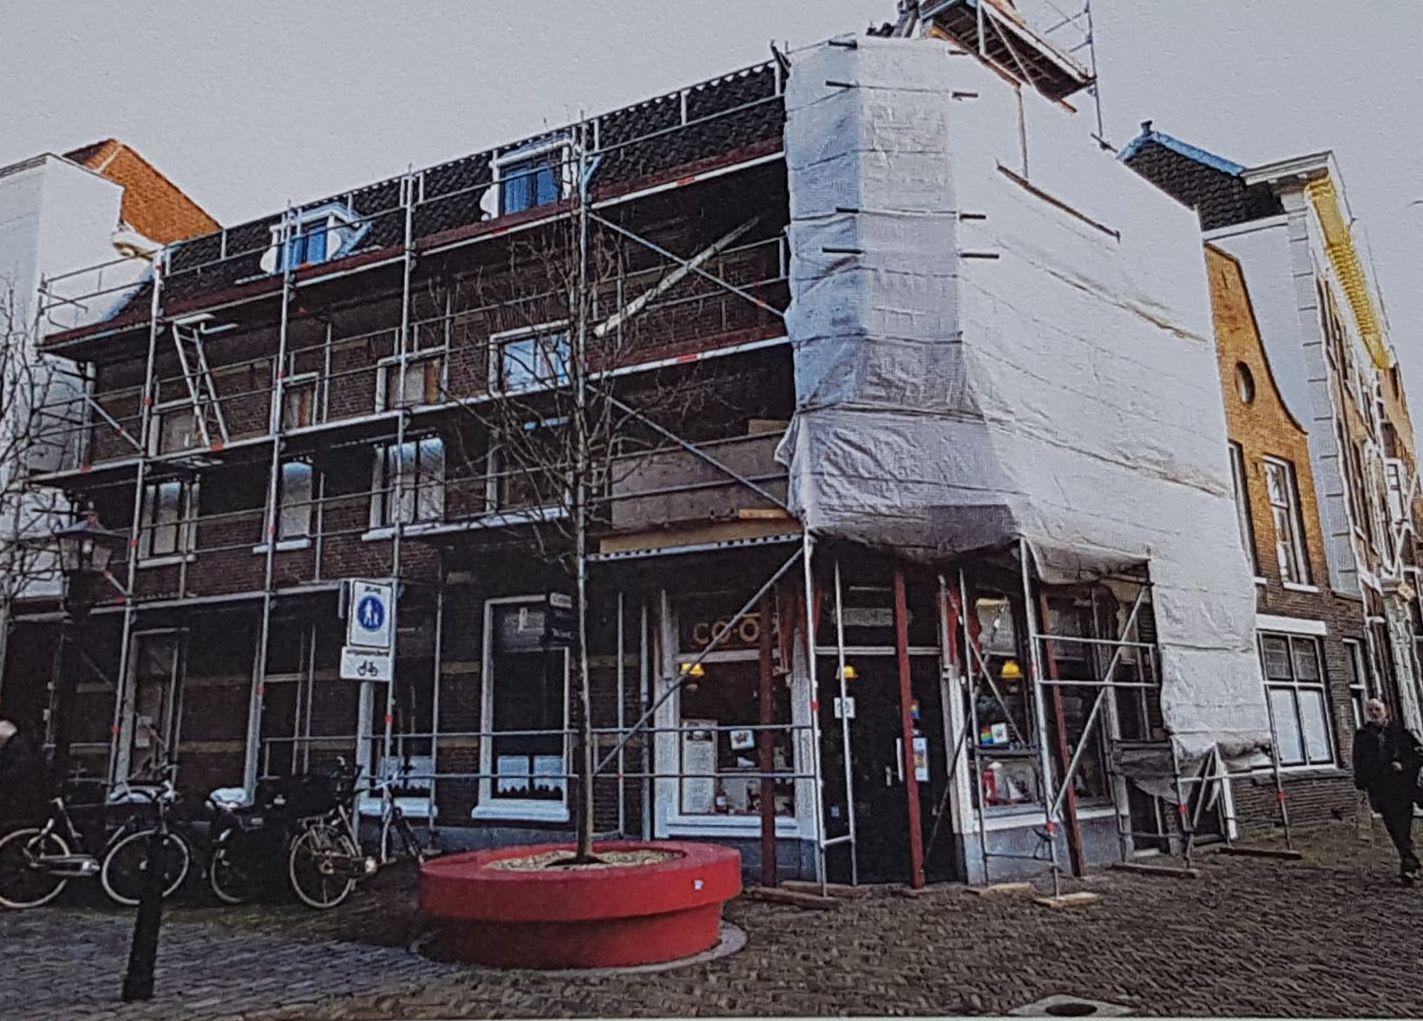 Coöperatiemuseum rondt restauratie af